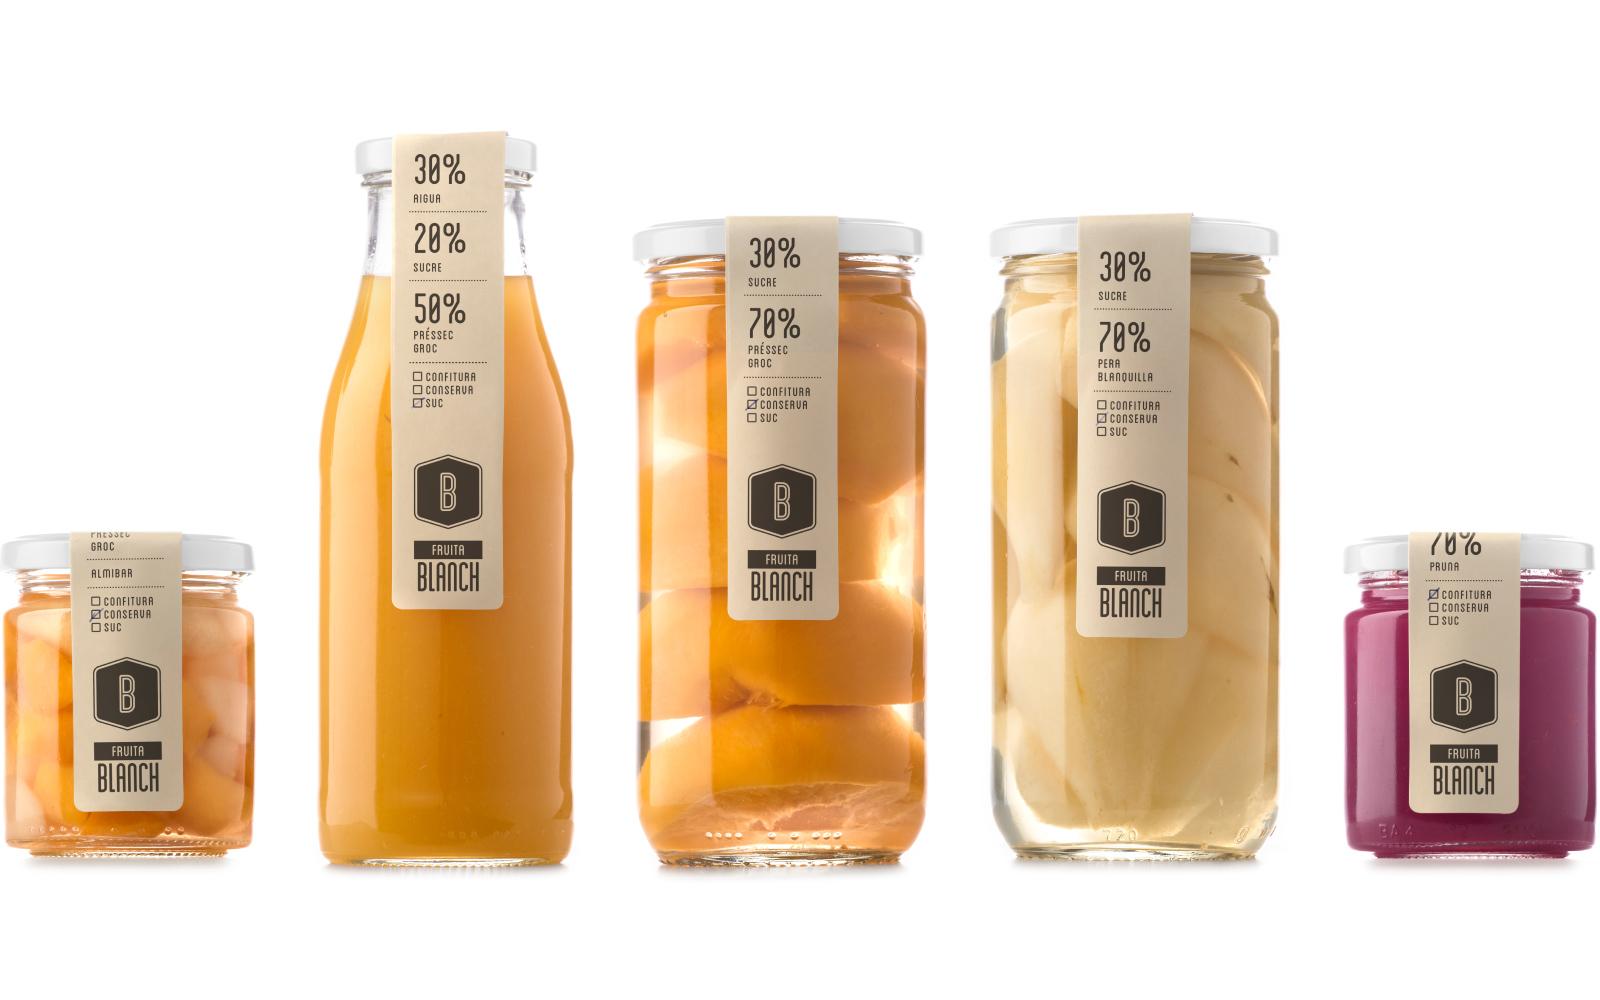 ไอเดียสำหรับการพิมพ์ สติ๊กเกอร์ฉลากสินค้า // สไตล์การออกแบบ ดีไซน์แบบเรียบๆ แต่มีสไตล์ ฉลากไว้ใช้สำหรับ แปะกับขวดโหล,ขวดแก้ว,ขวดบรรจุเครื่องดื่ม